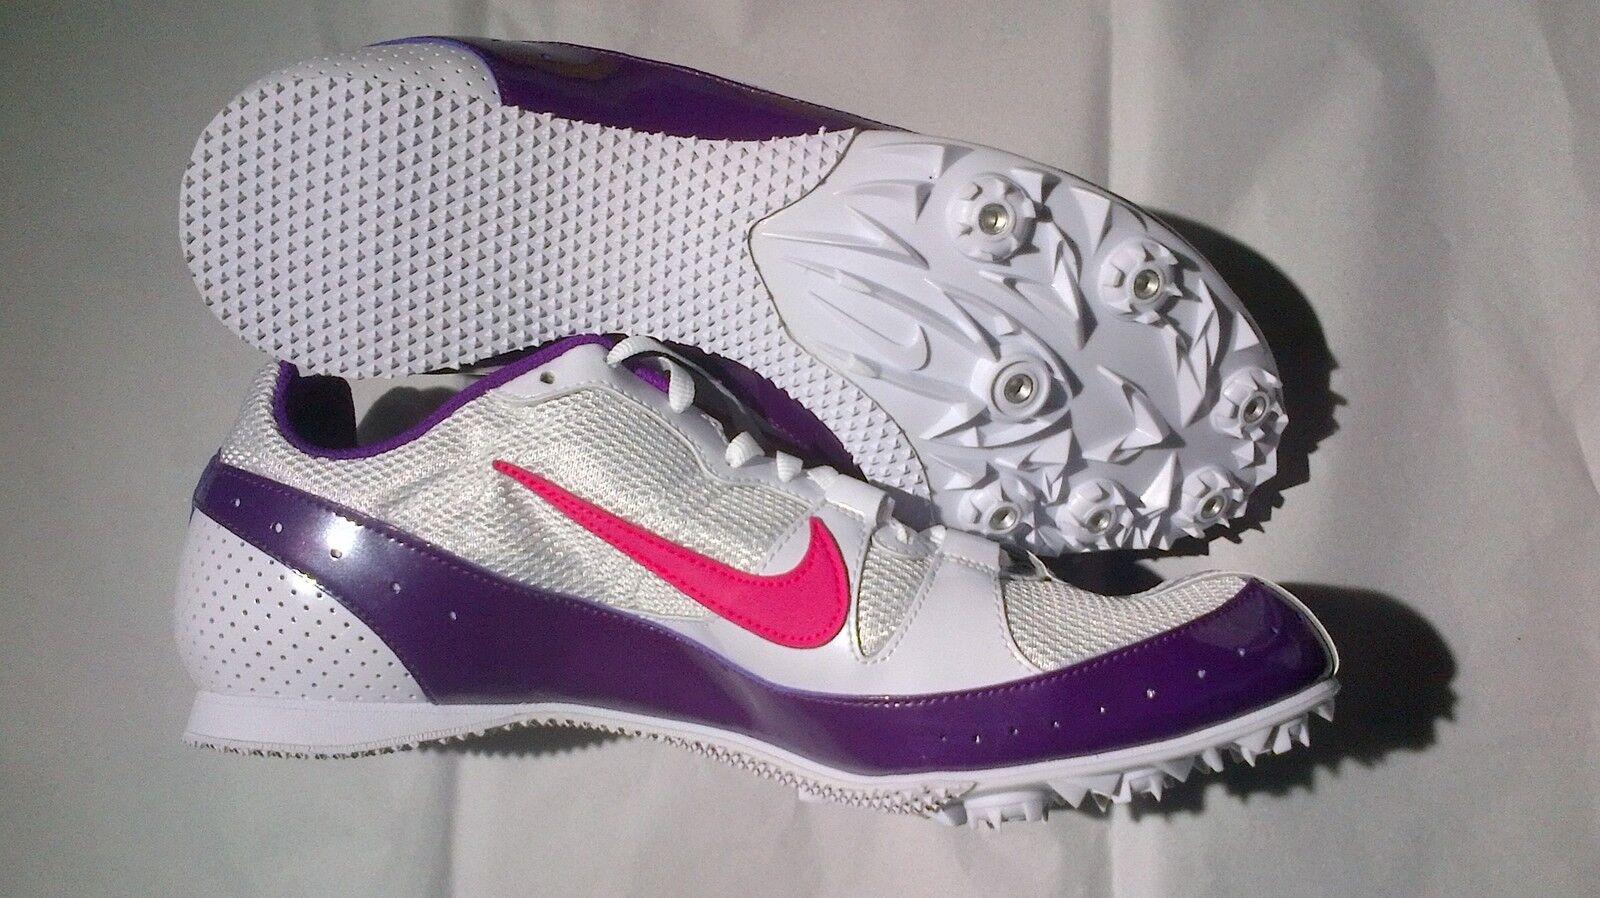 Nike zoom rivale medio 5     uomo corsa scarpe - nota 383823-100 | Delicato  | adottare  | Della Qualità  d34534